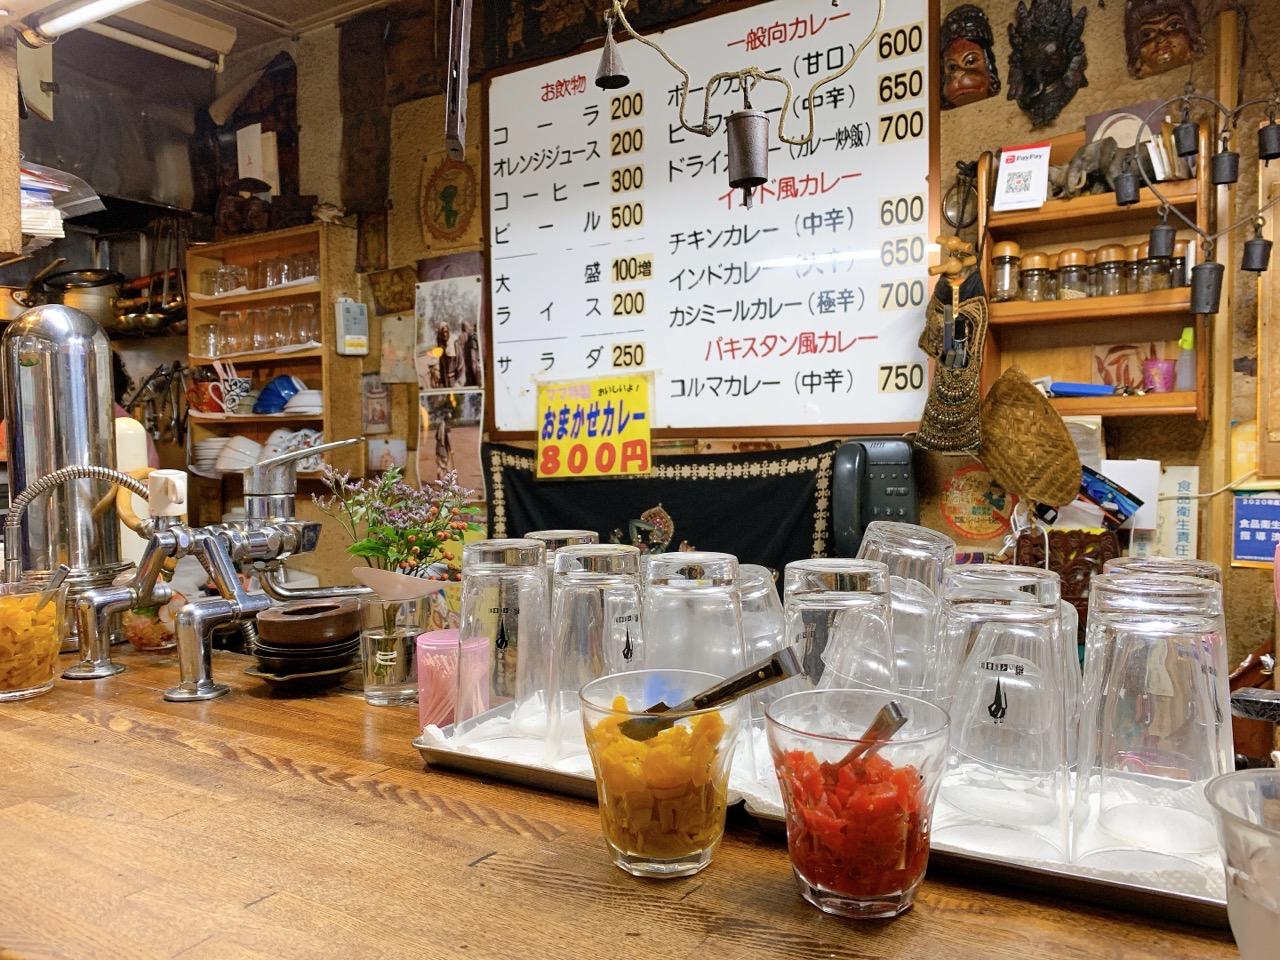 【松戸】カレー専門店 印度のメニューについて